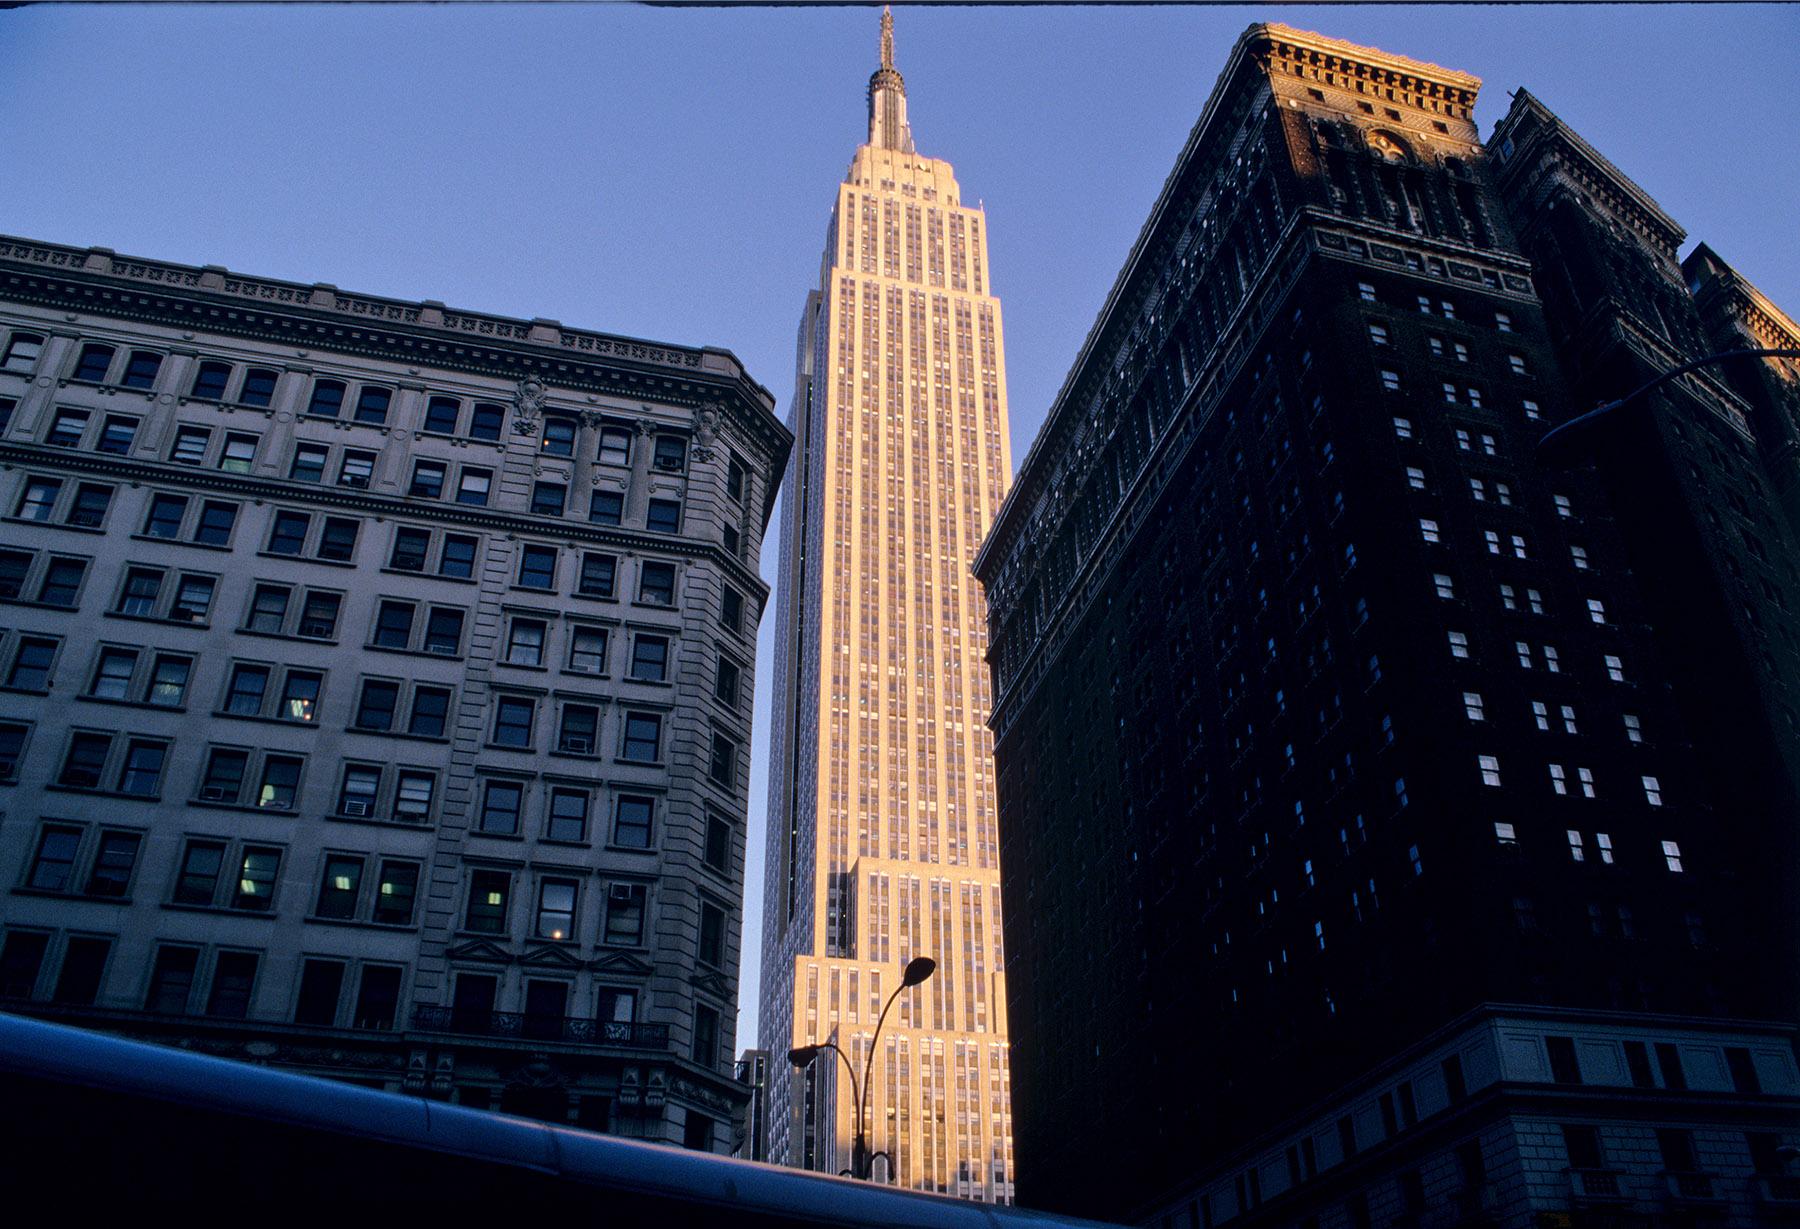 20_88-New York_3_003_ArtShop